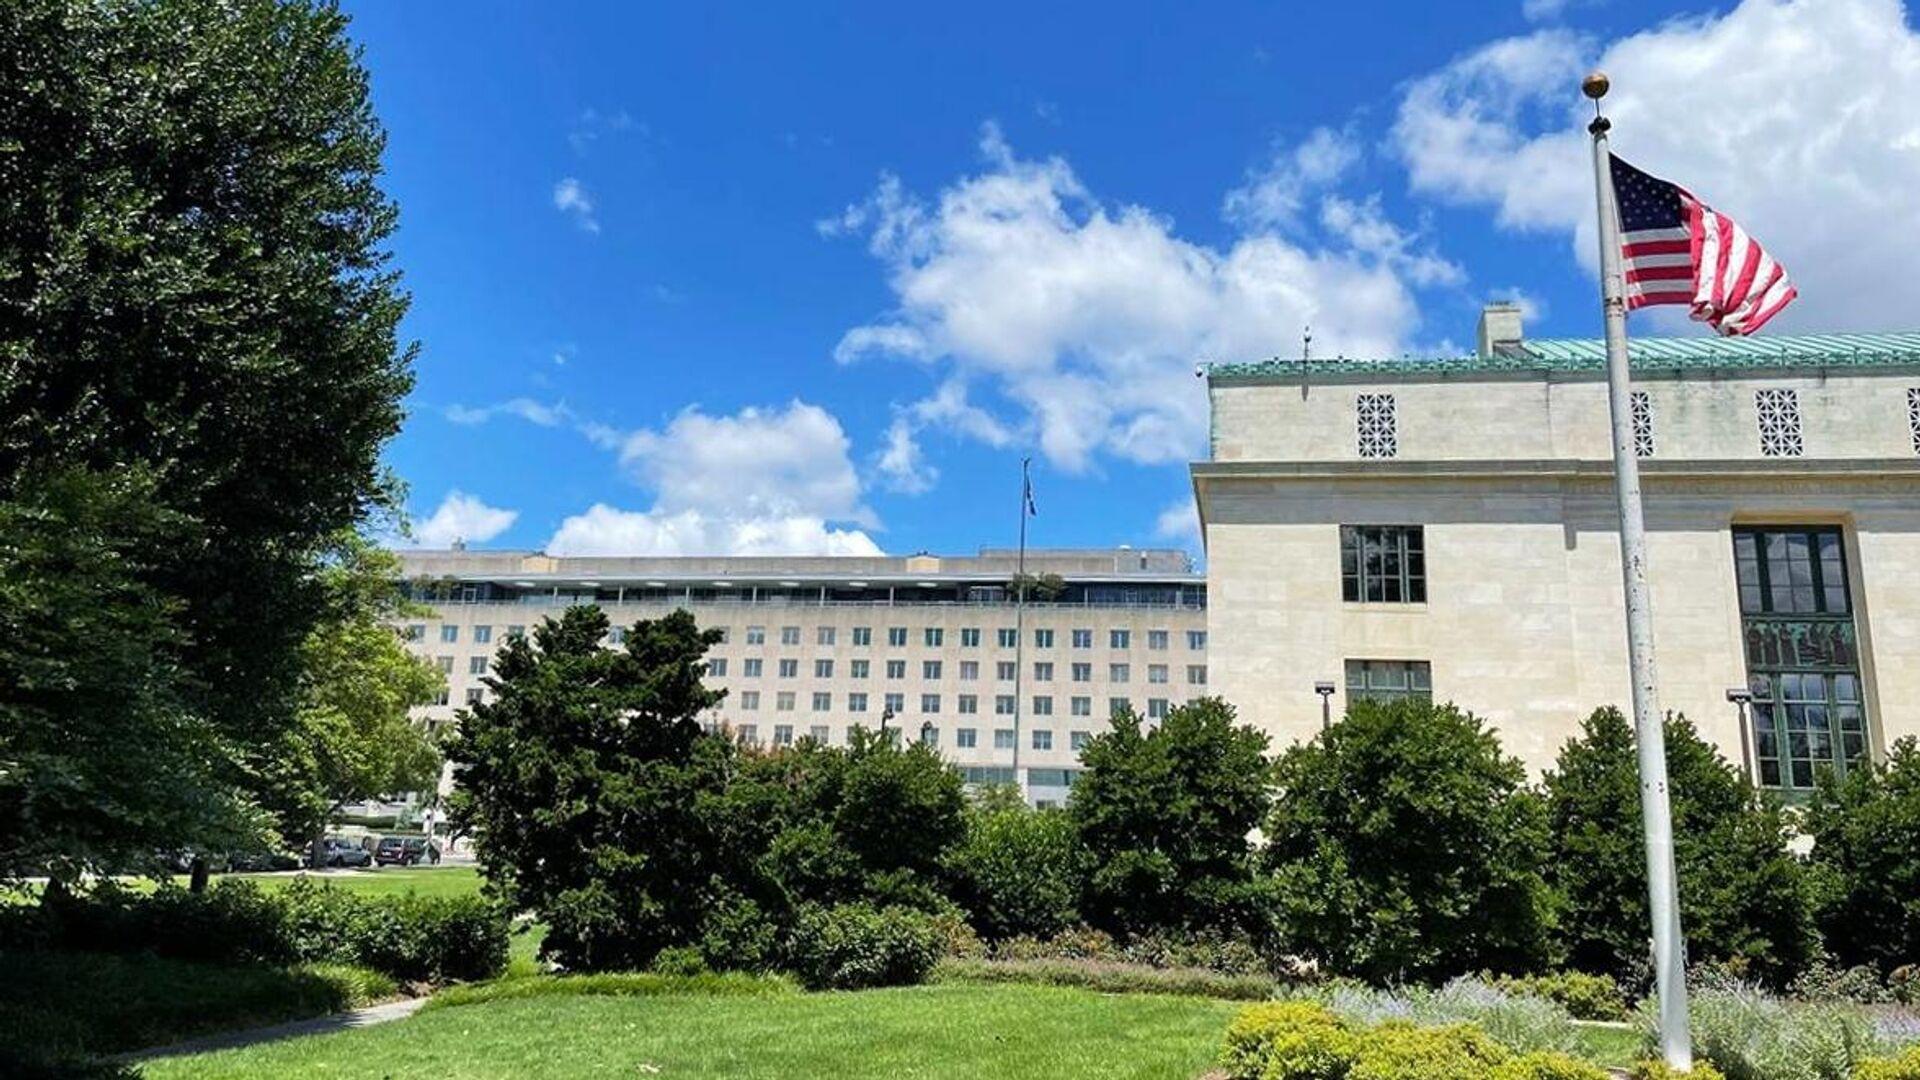 Здание Государственного департамента США в Вашингтоне - РИА Новости, 1920, 24.07.2021